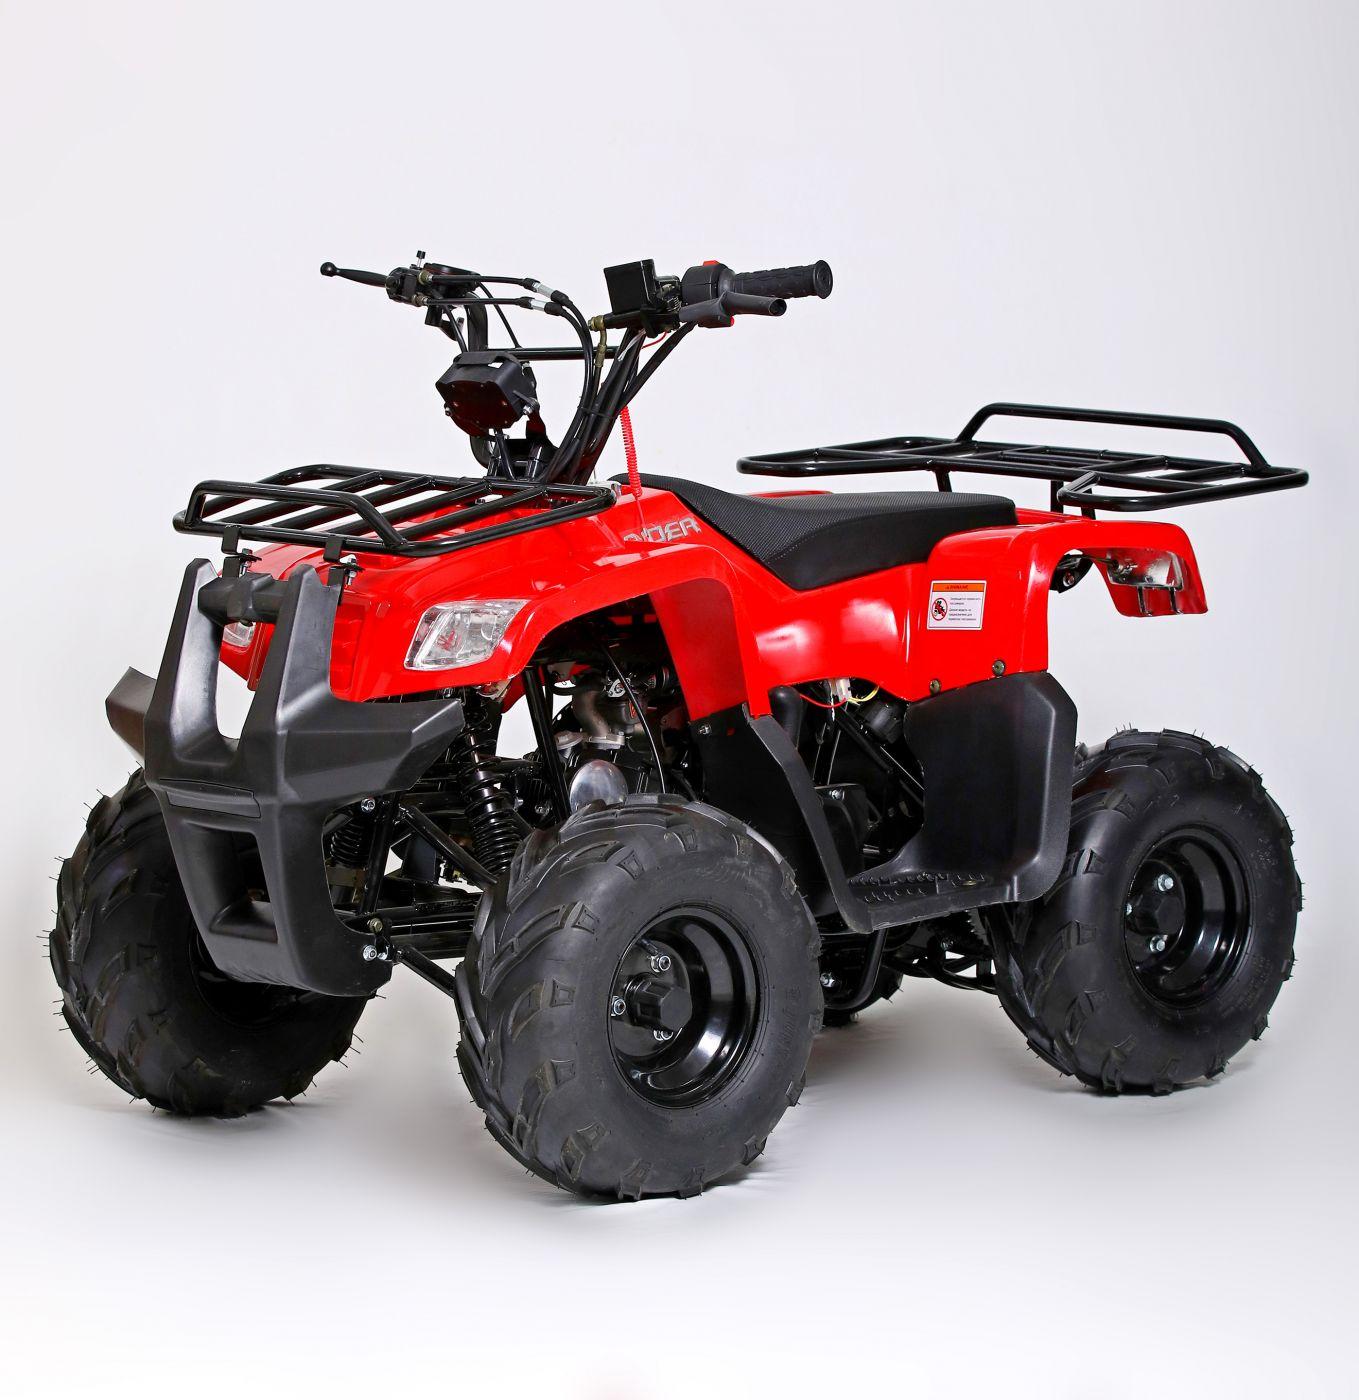 Motoland Rider 110 сс Квадроцикл бензиновый